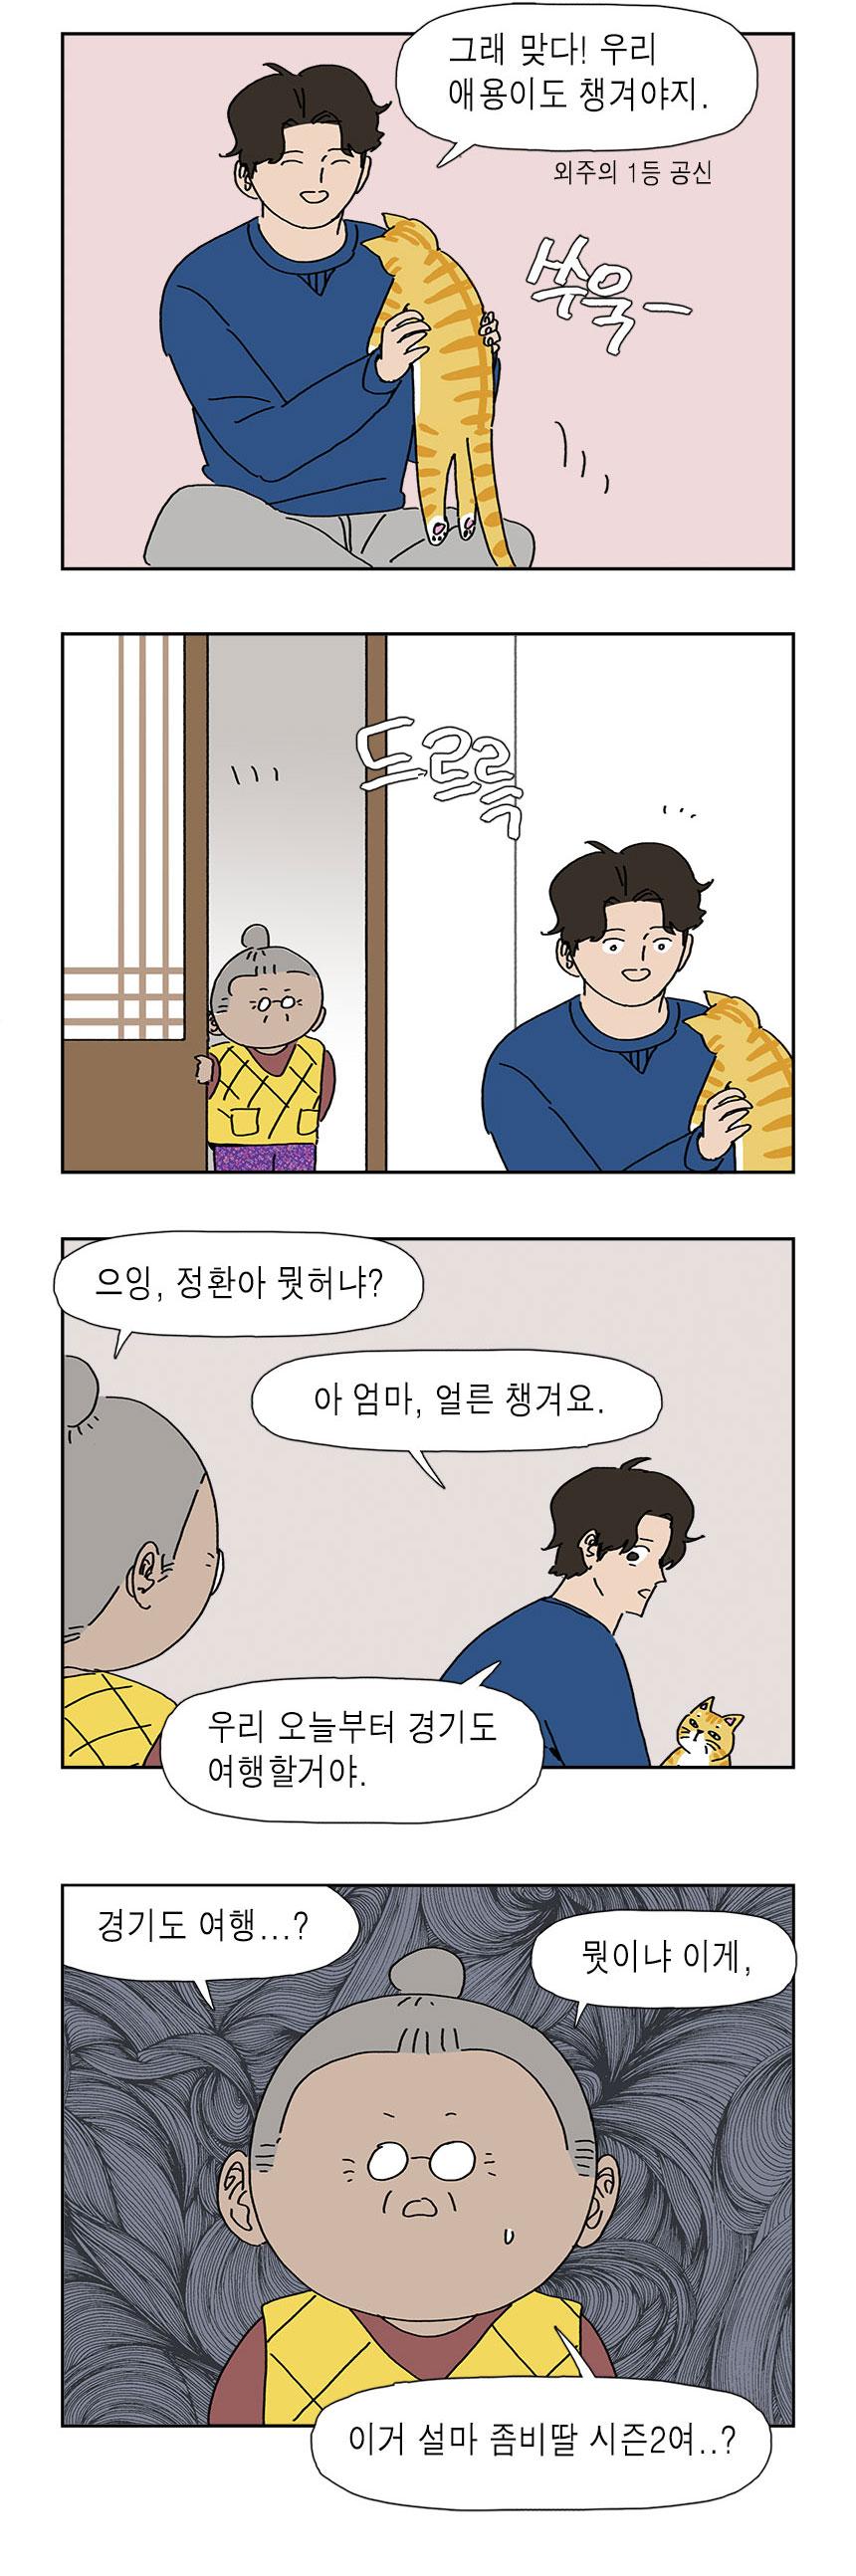 웹툰 경기딸 1화 「삼봉기념관」 편 미리보기